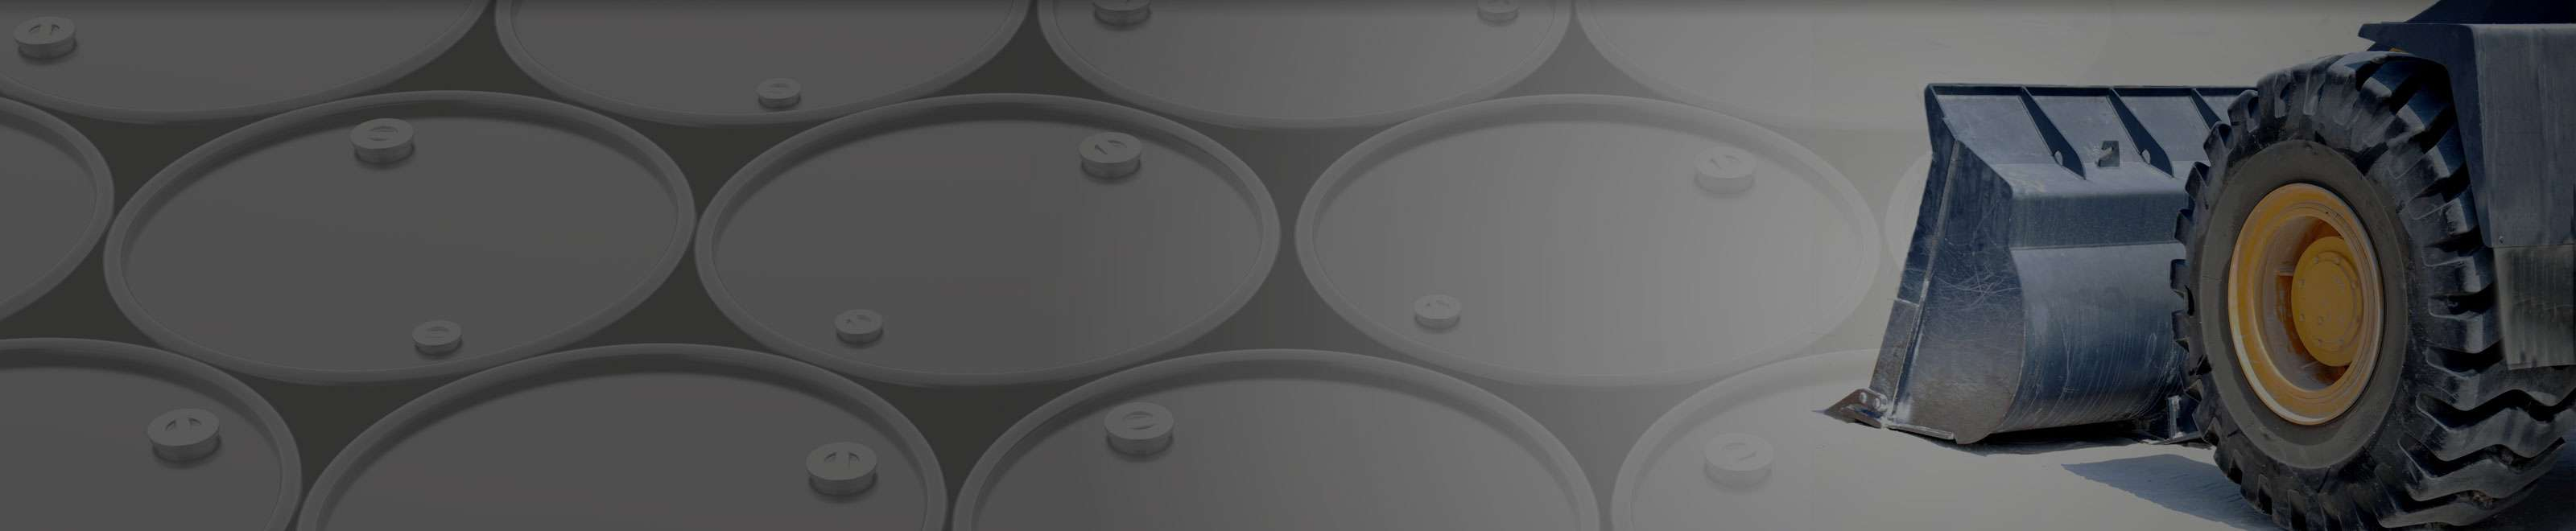 OlieOnline uw distributeur voor Shell Mobil Fuchs Houghton Castrol & Q8 smeermiddelen